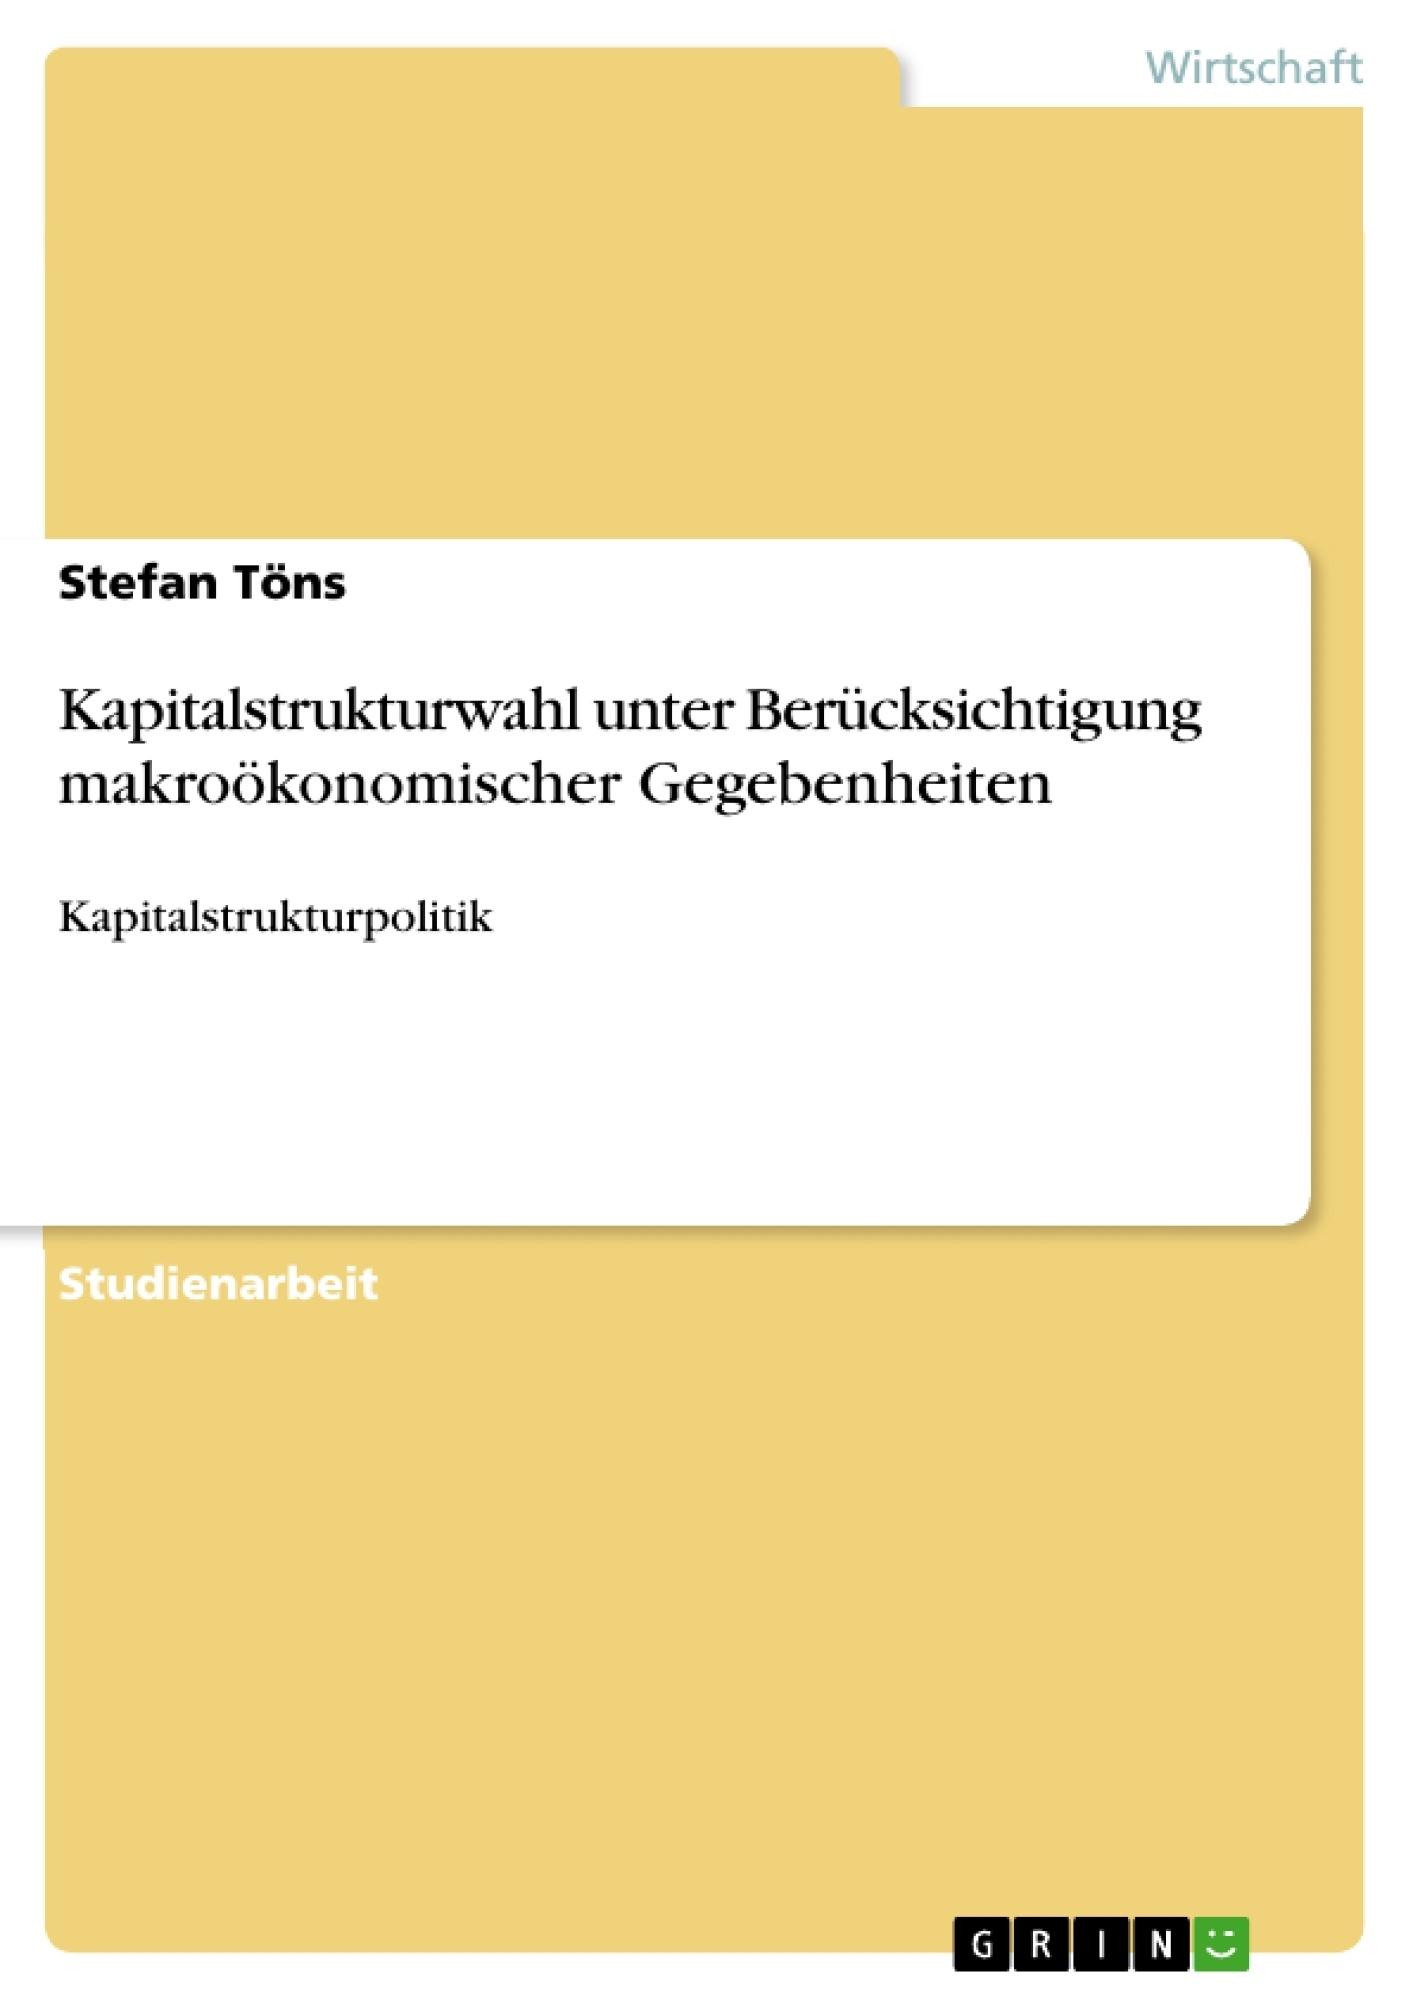 Titel: Kapitalstrukturwahl unter Berücksichtigung makroökonomischer Gegebenheiten